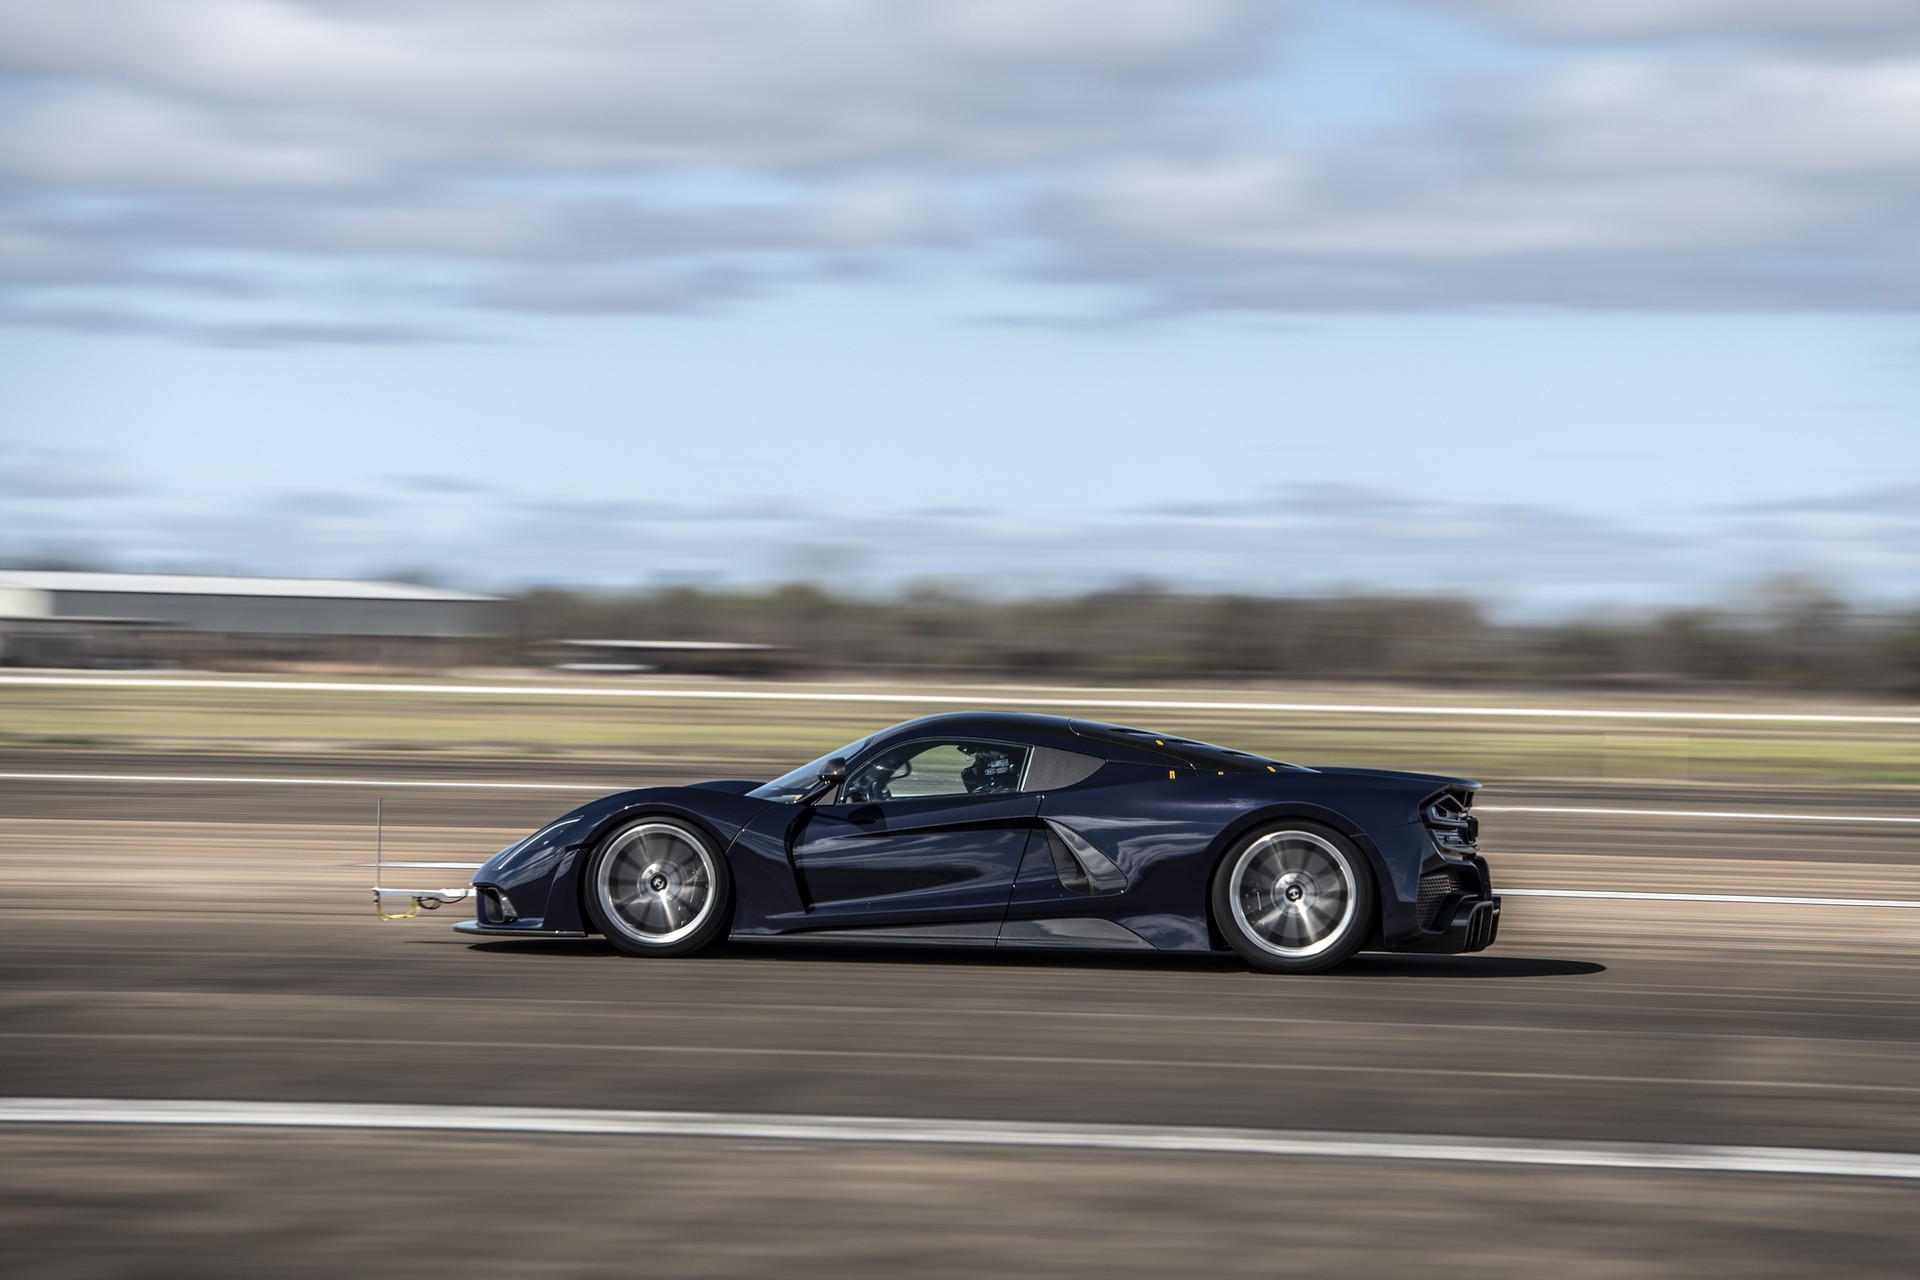 venom-f5-aerodynamic-testing-2